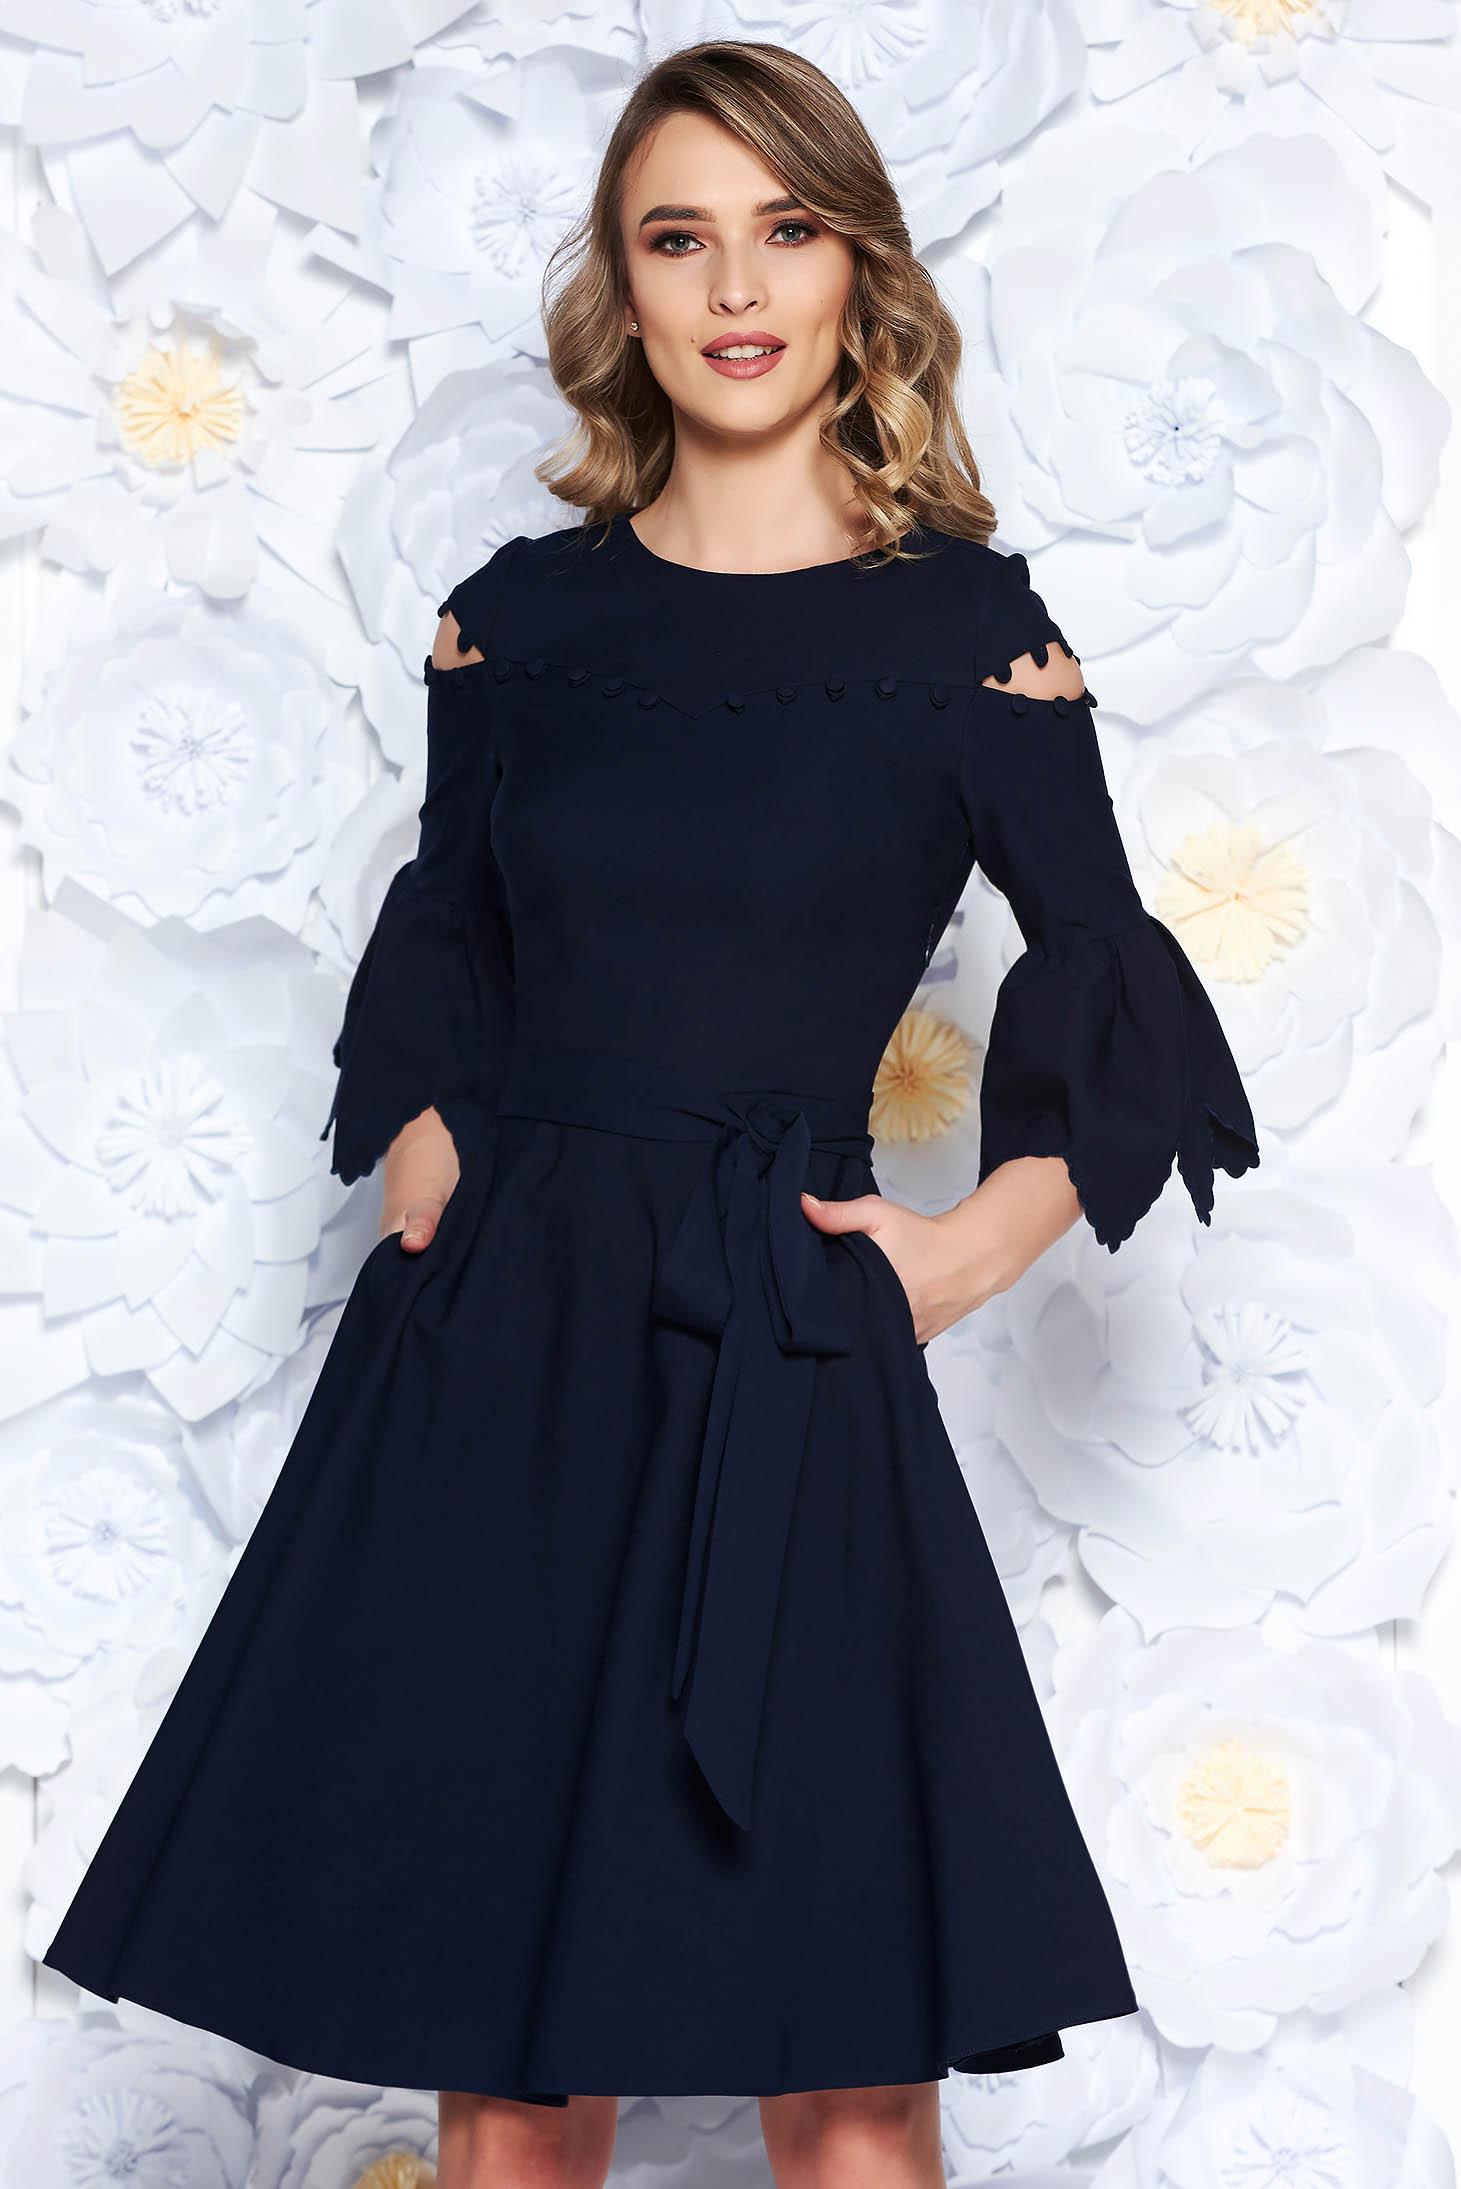 Rochie albastra-inchis eleganta in clos din stofa usor elastica cu ciucuri cu maneci clopot